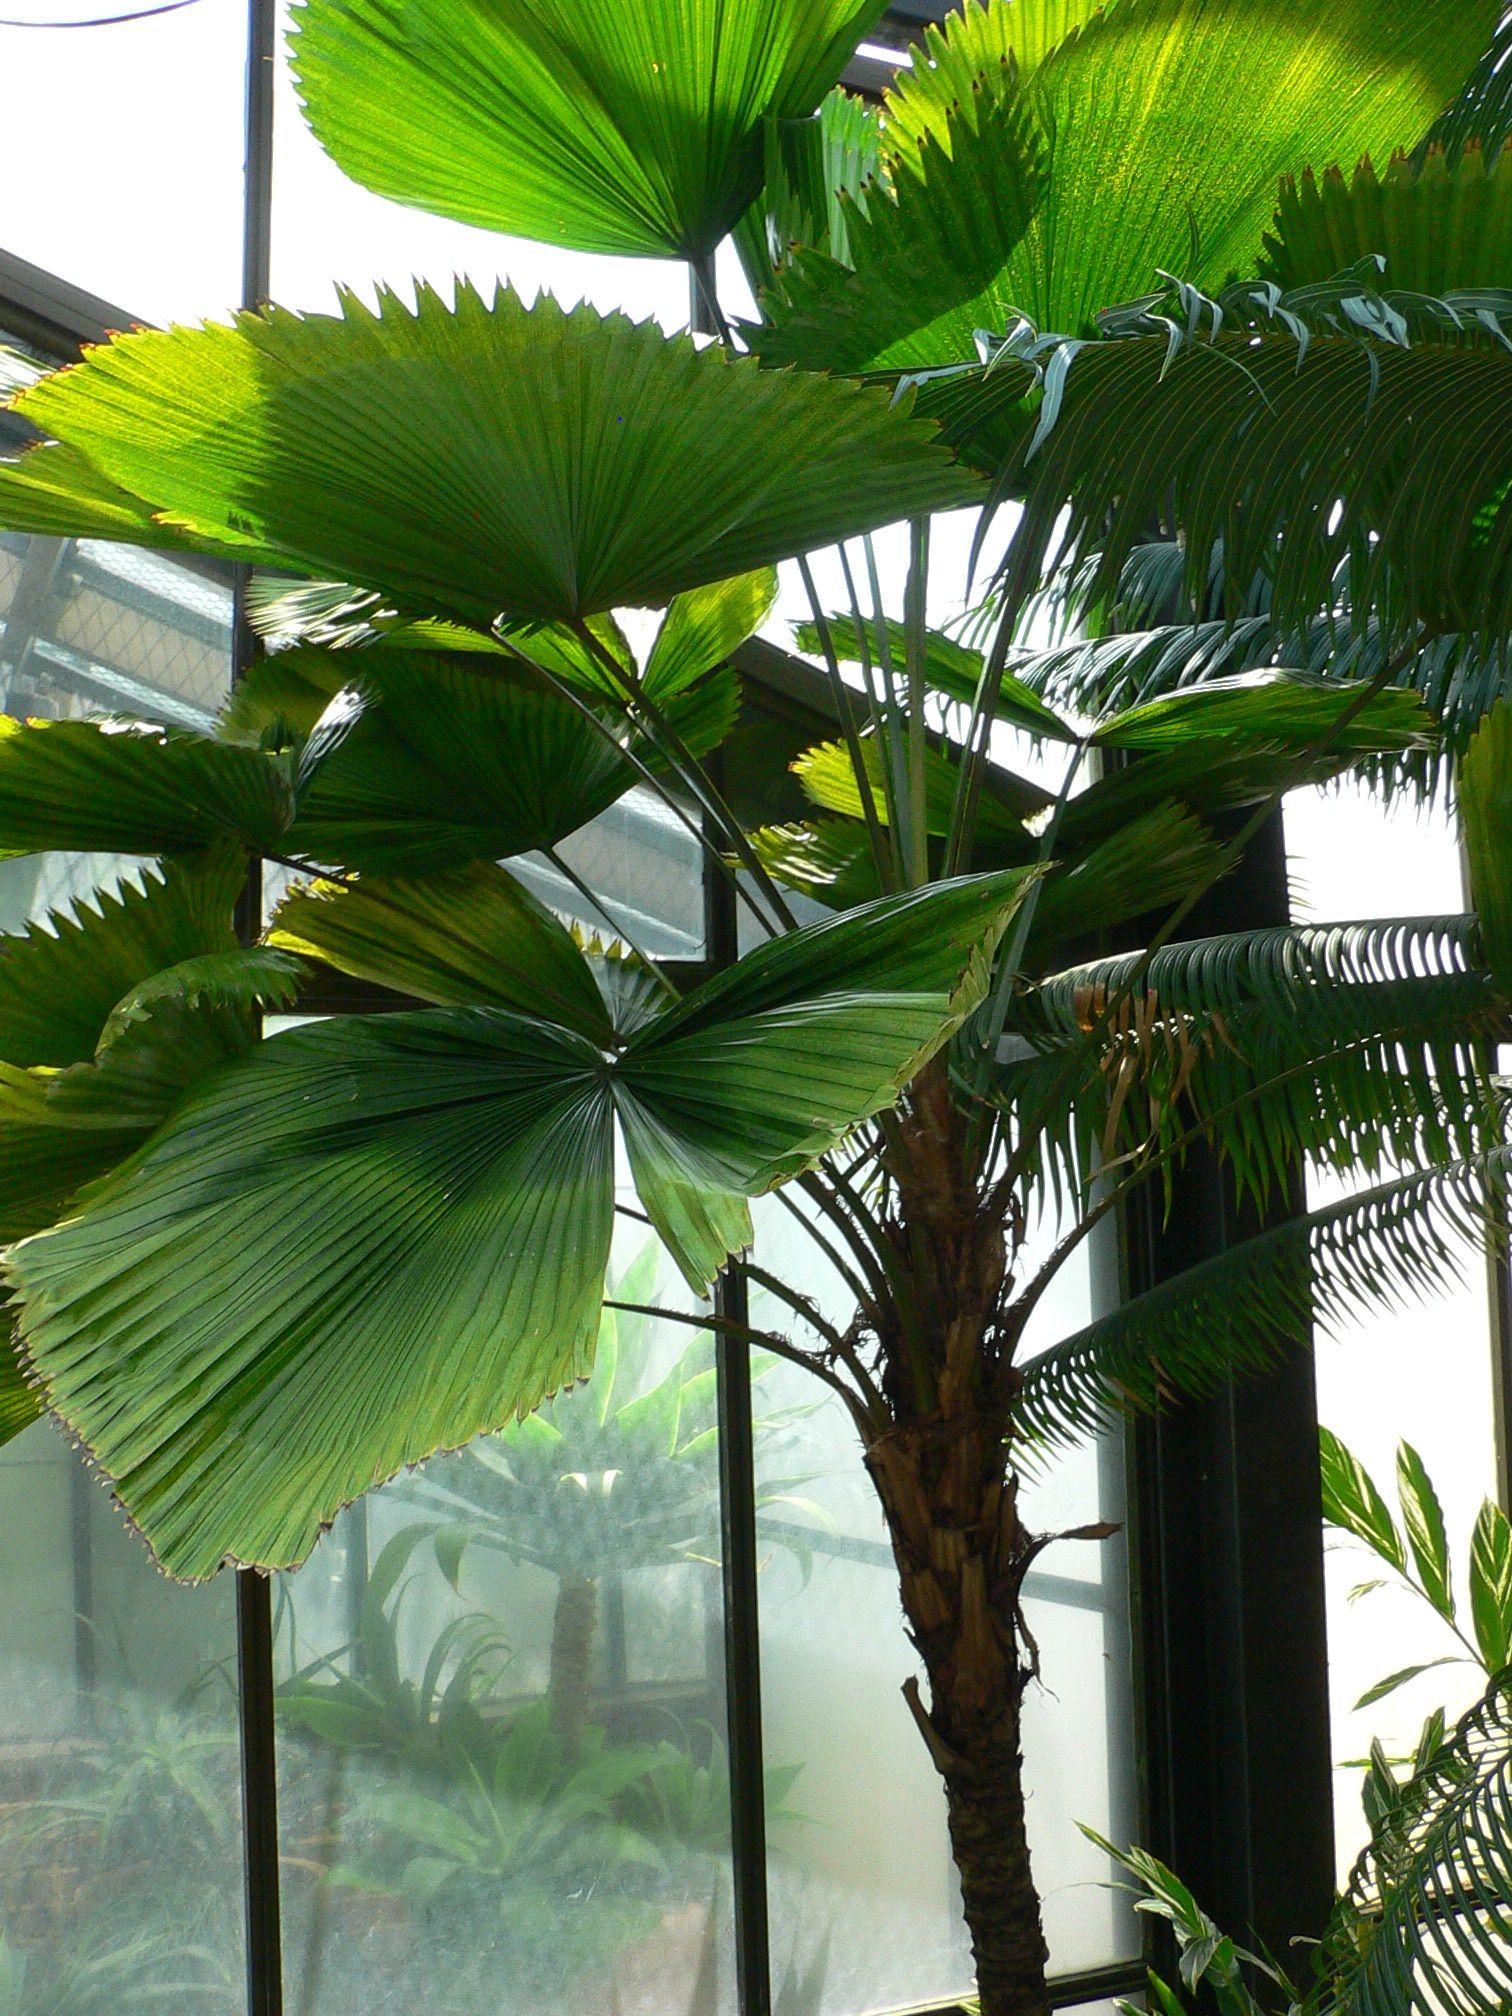 Ruffled Fan Palm Or Vanuatu Fan Palm Licuala Grandis